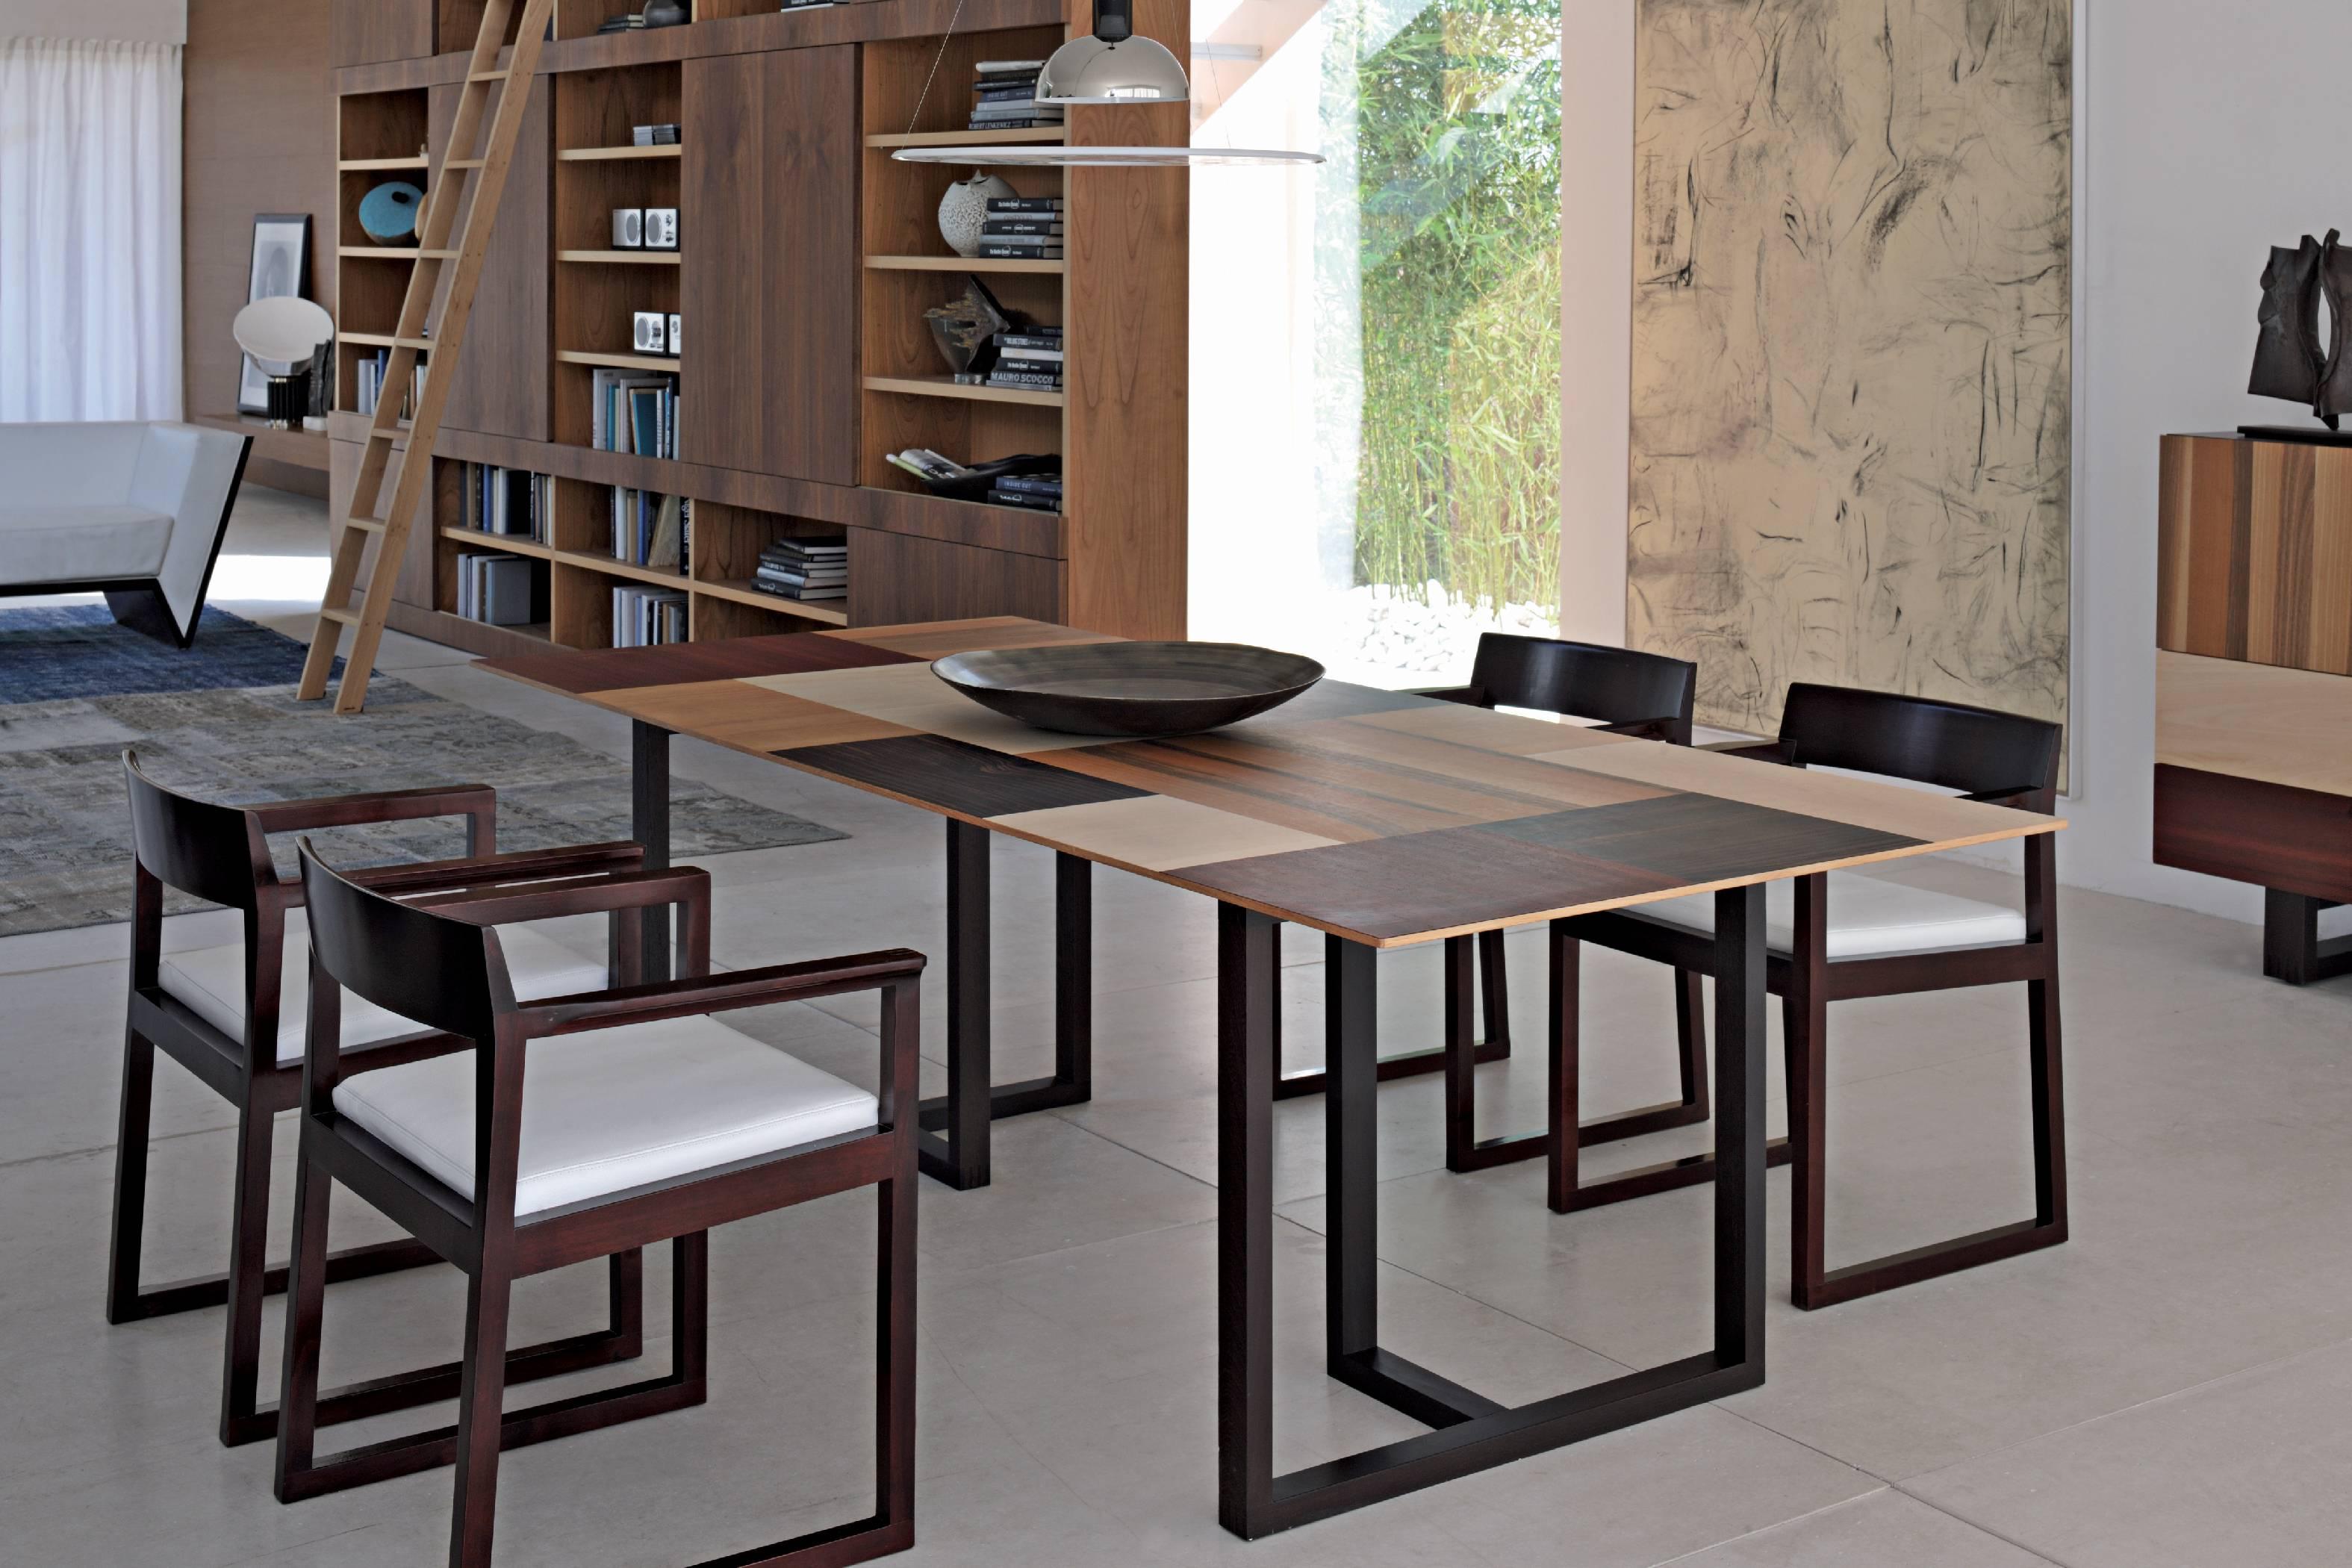 Tavoli e scrivanie villadisesto for Tavoli e scrivanie